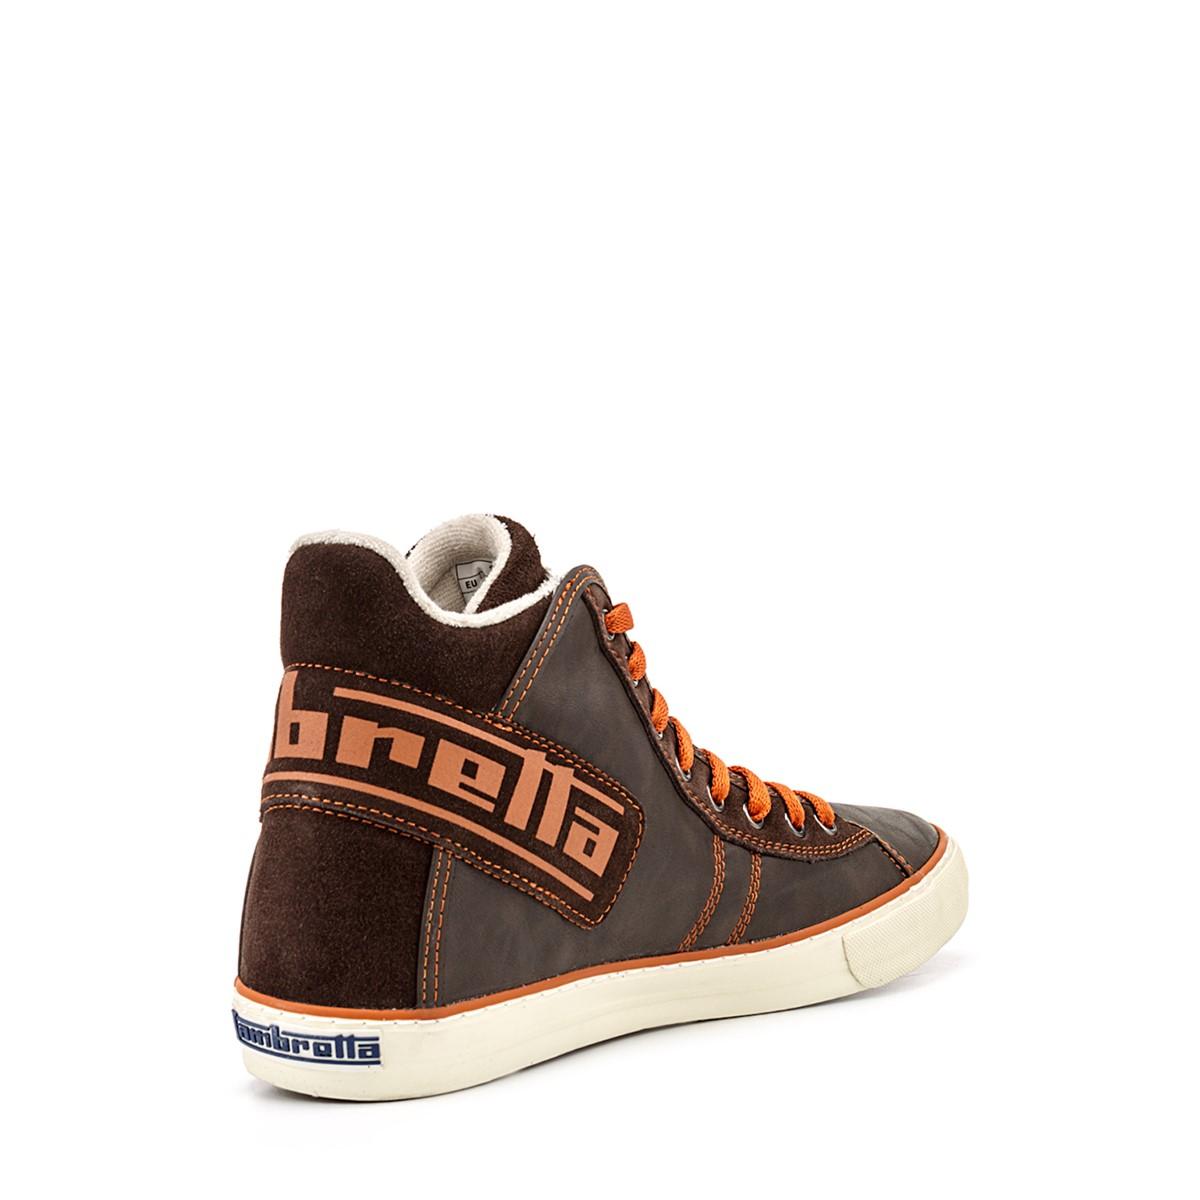 Chaussure Homme Montante Cuir Marron Et Orange Curzon Logo Bbi